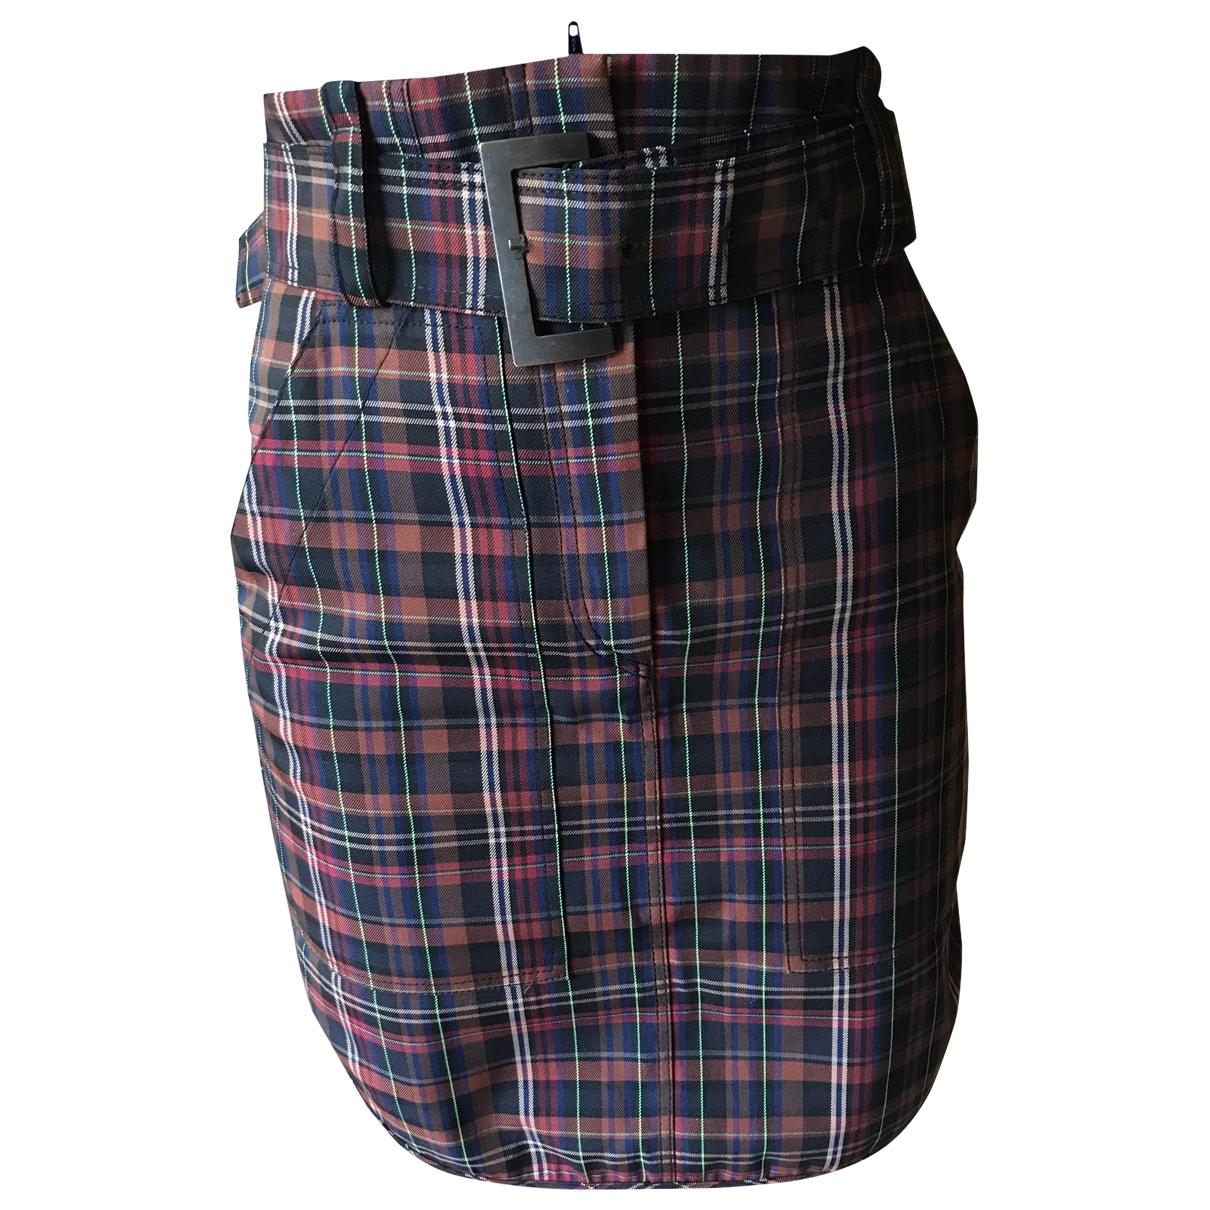 Sandro \N Multicolour skirt for Women 1 0-5